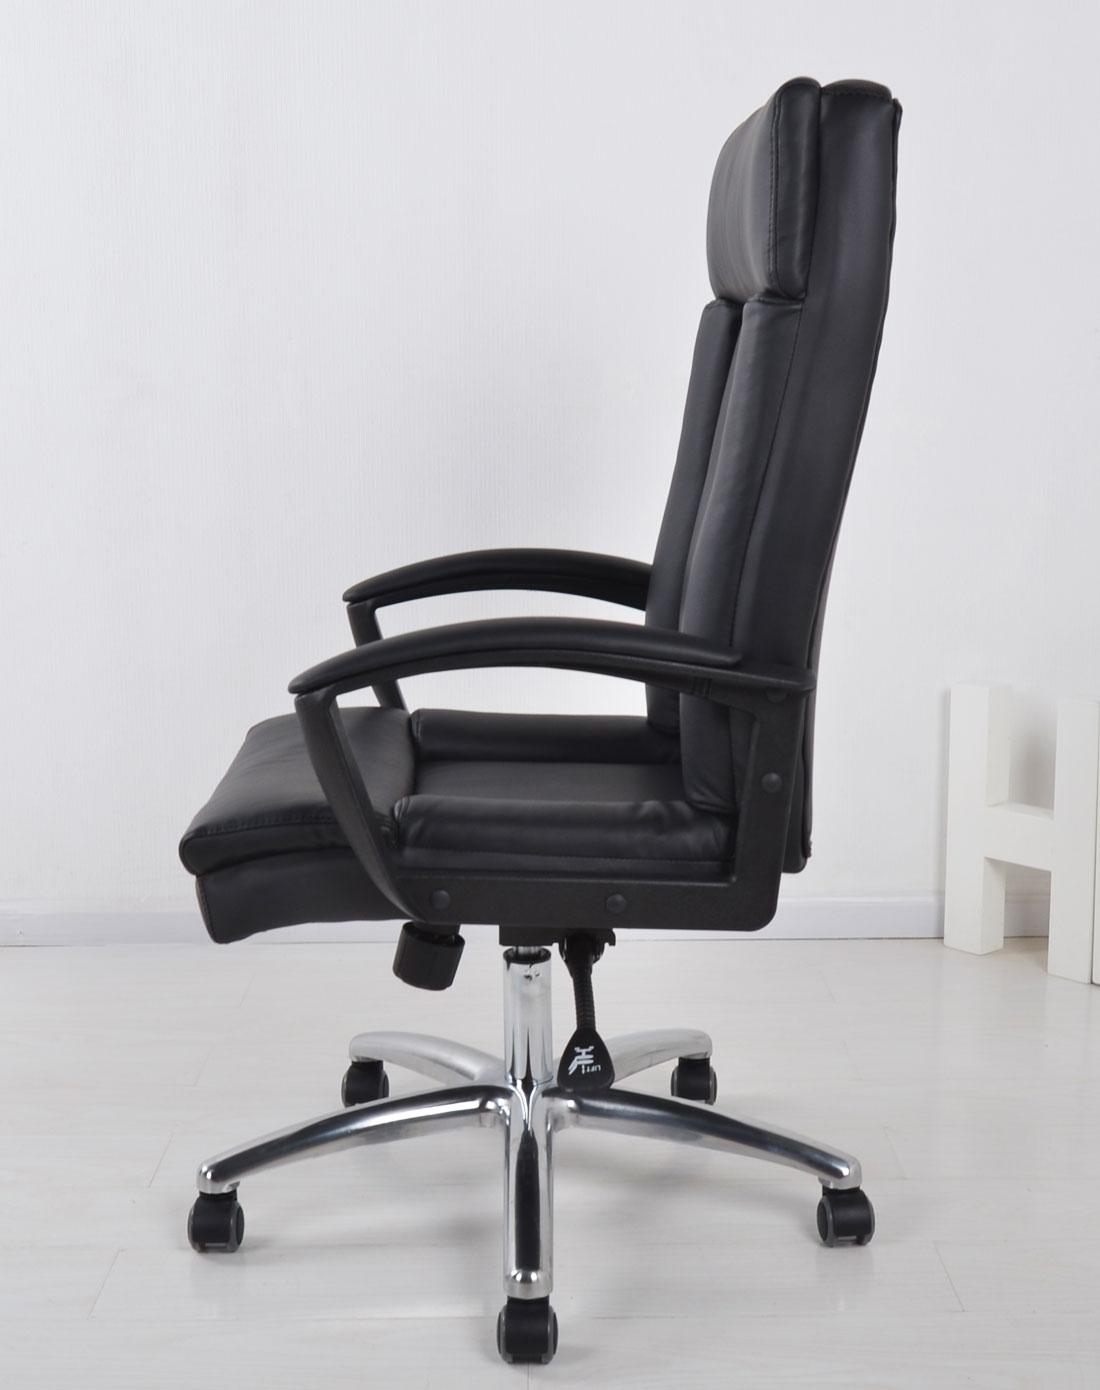 时尚休闲皮制电脑椅 欧式简约 商务之王